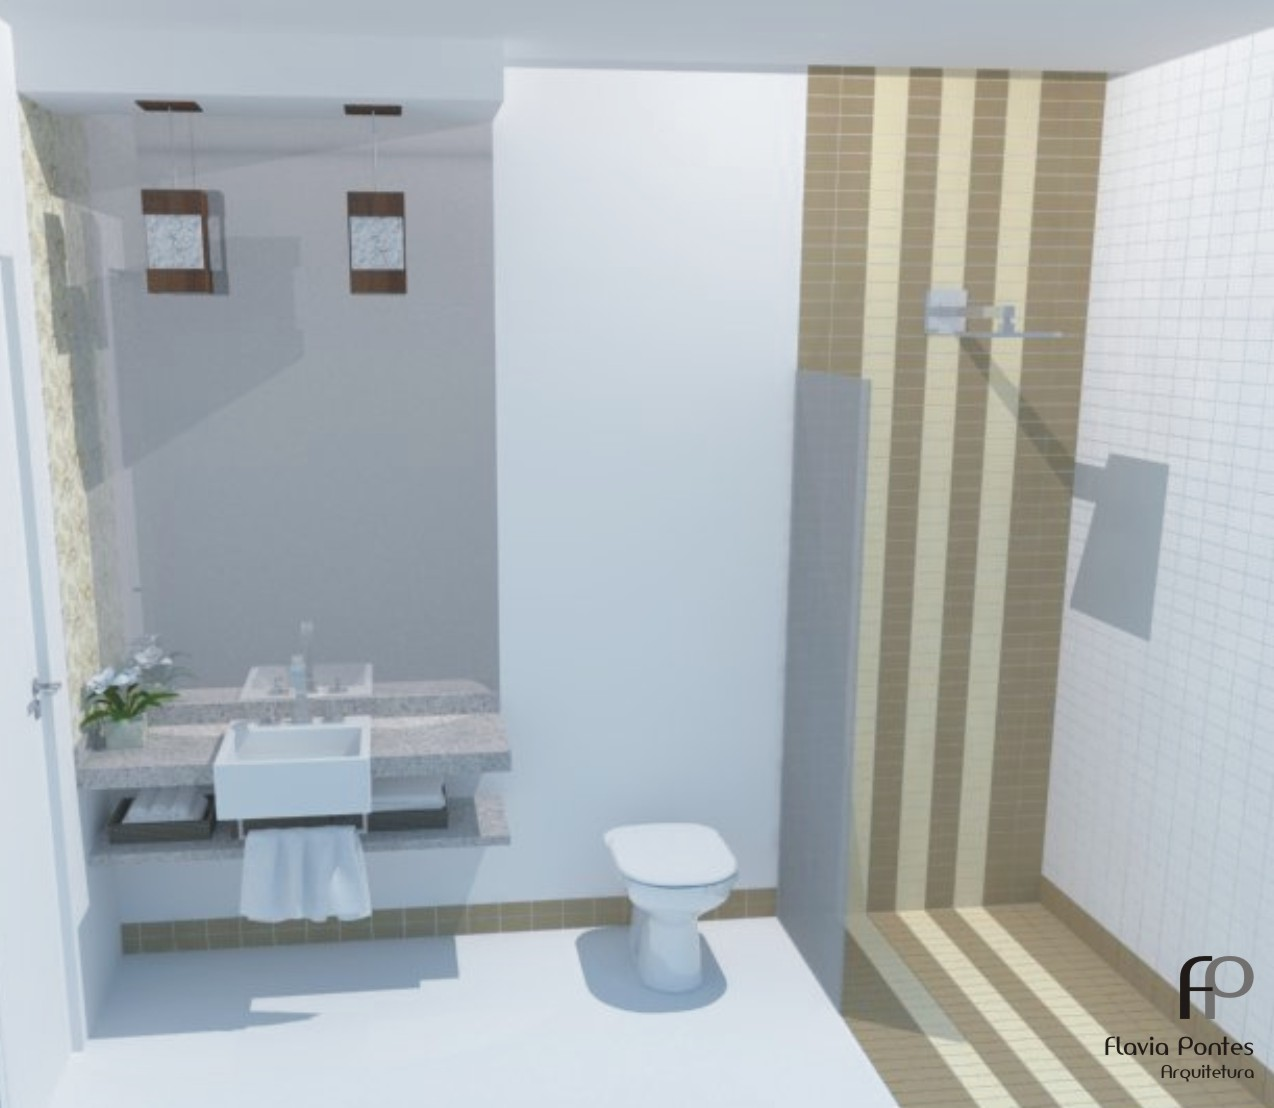 pediu uma alteração na paleta de cores do projeto do banheiro  #526679 1274x1108 Bancada Banheiro Vermelha